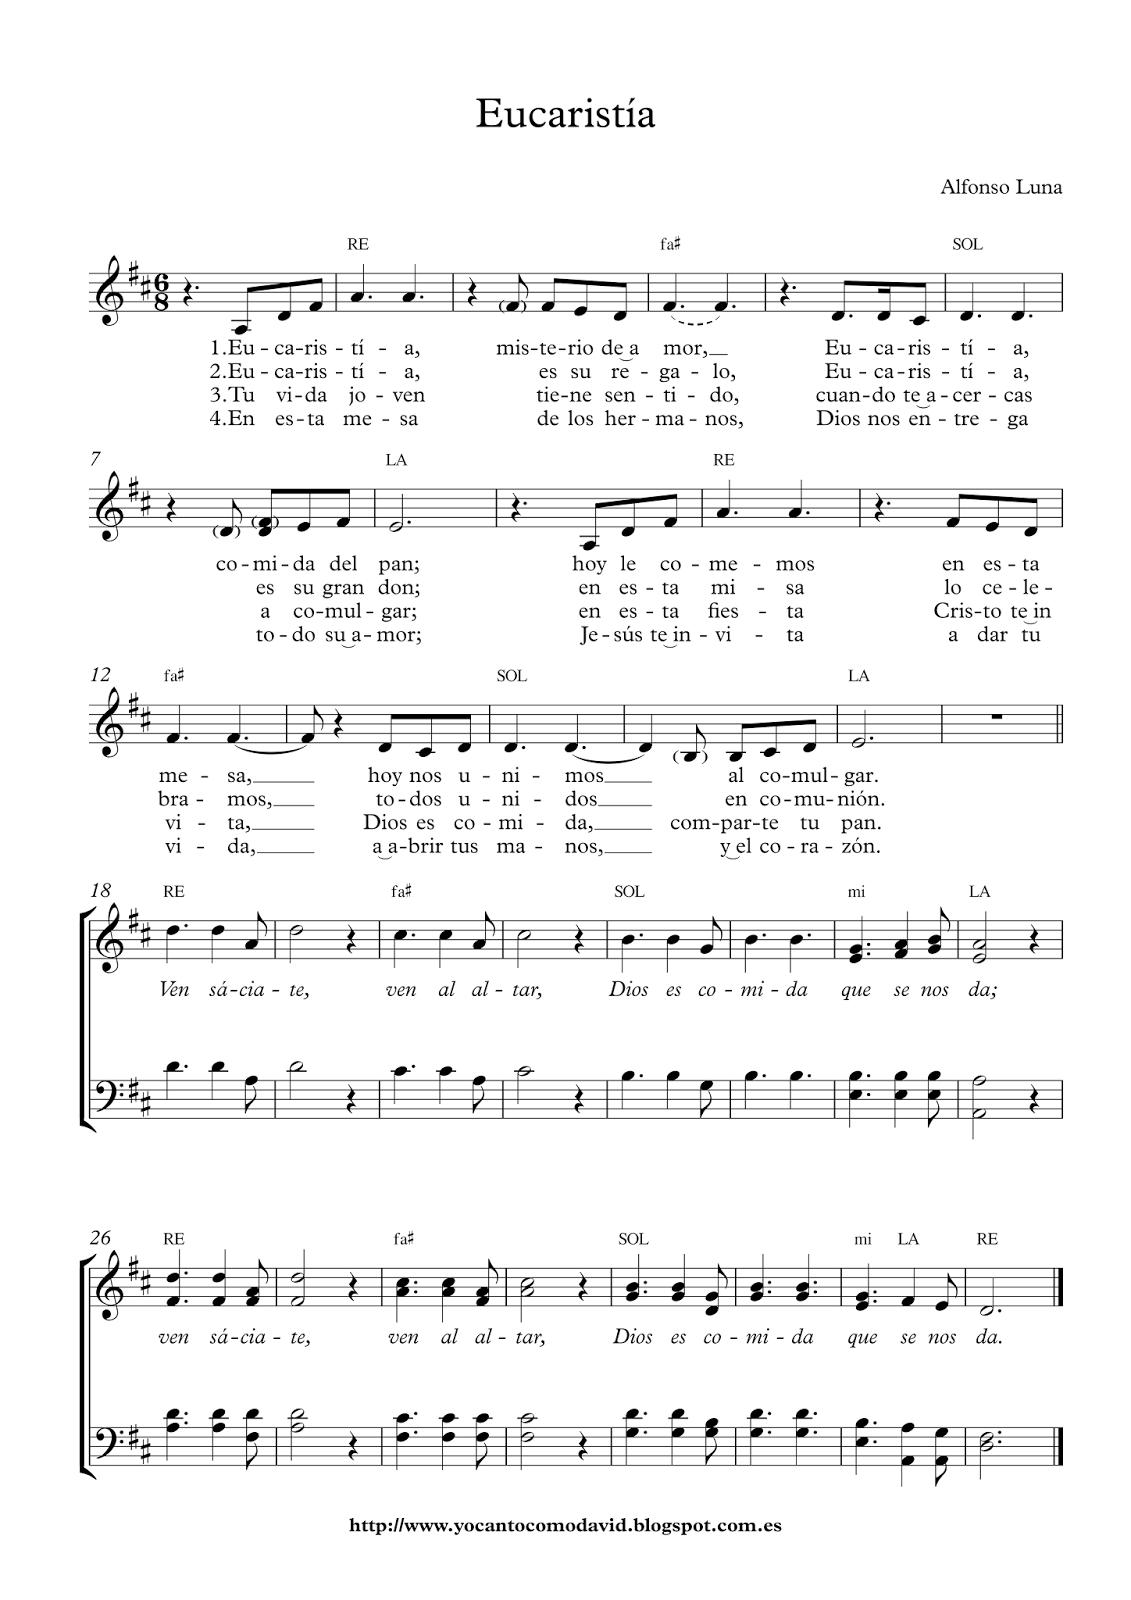 Eucaristía Yo Canto Como David Teclados Musicales Lecciones De Piano Partituras